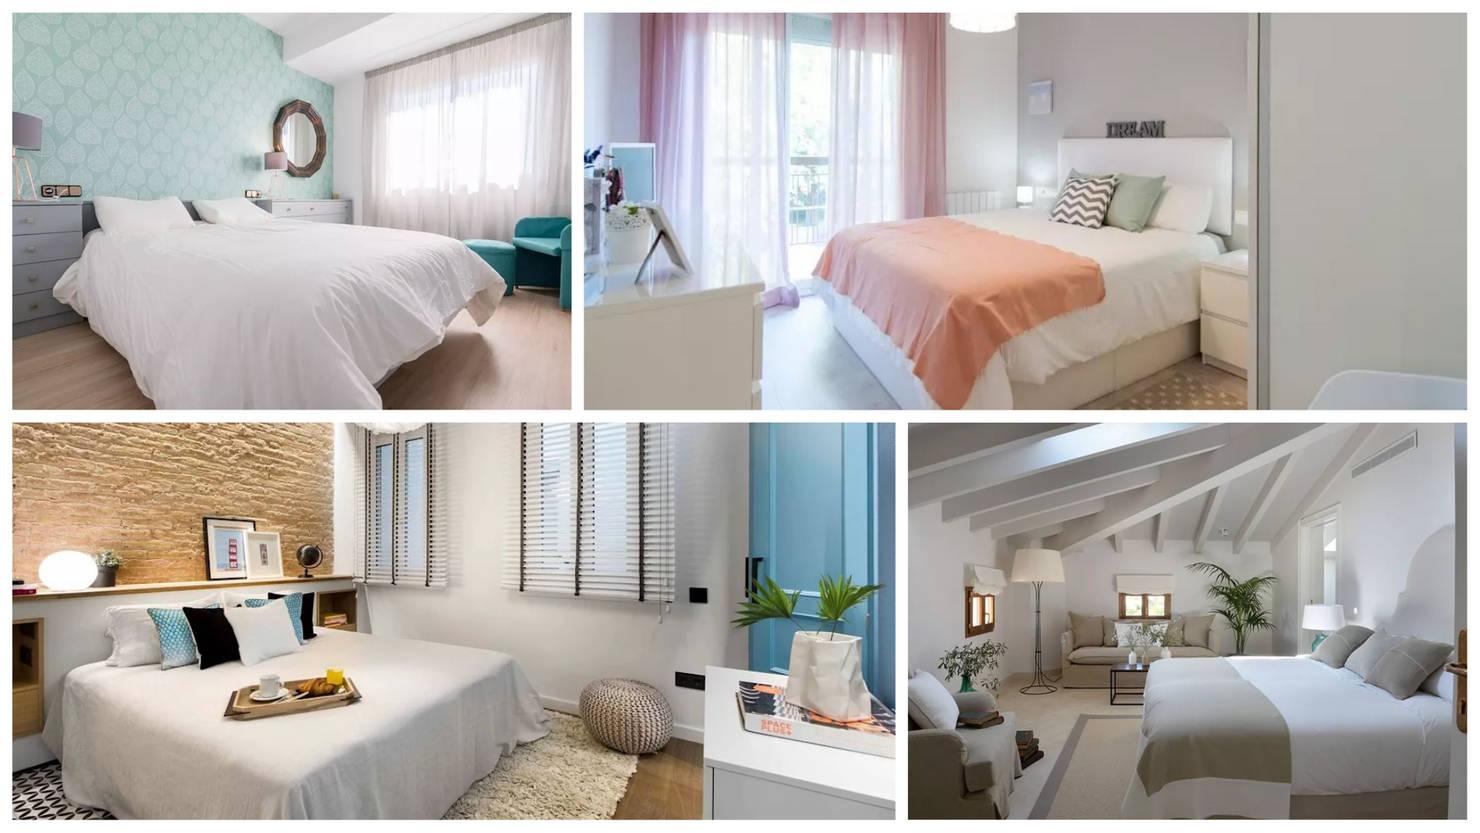 52 dormitorios con los colores ¡que son tendencia!